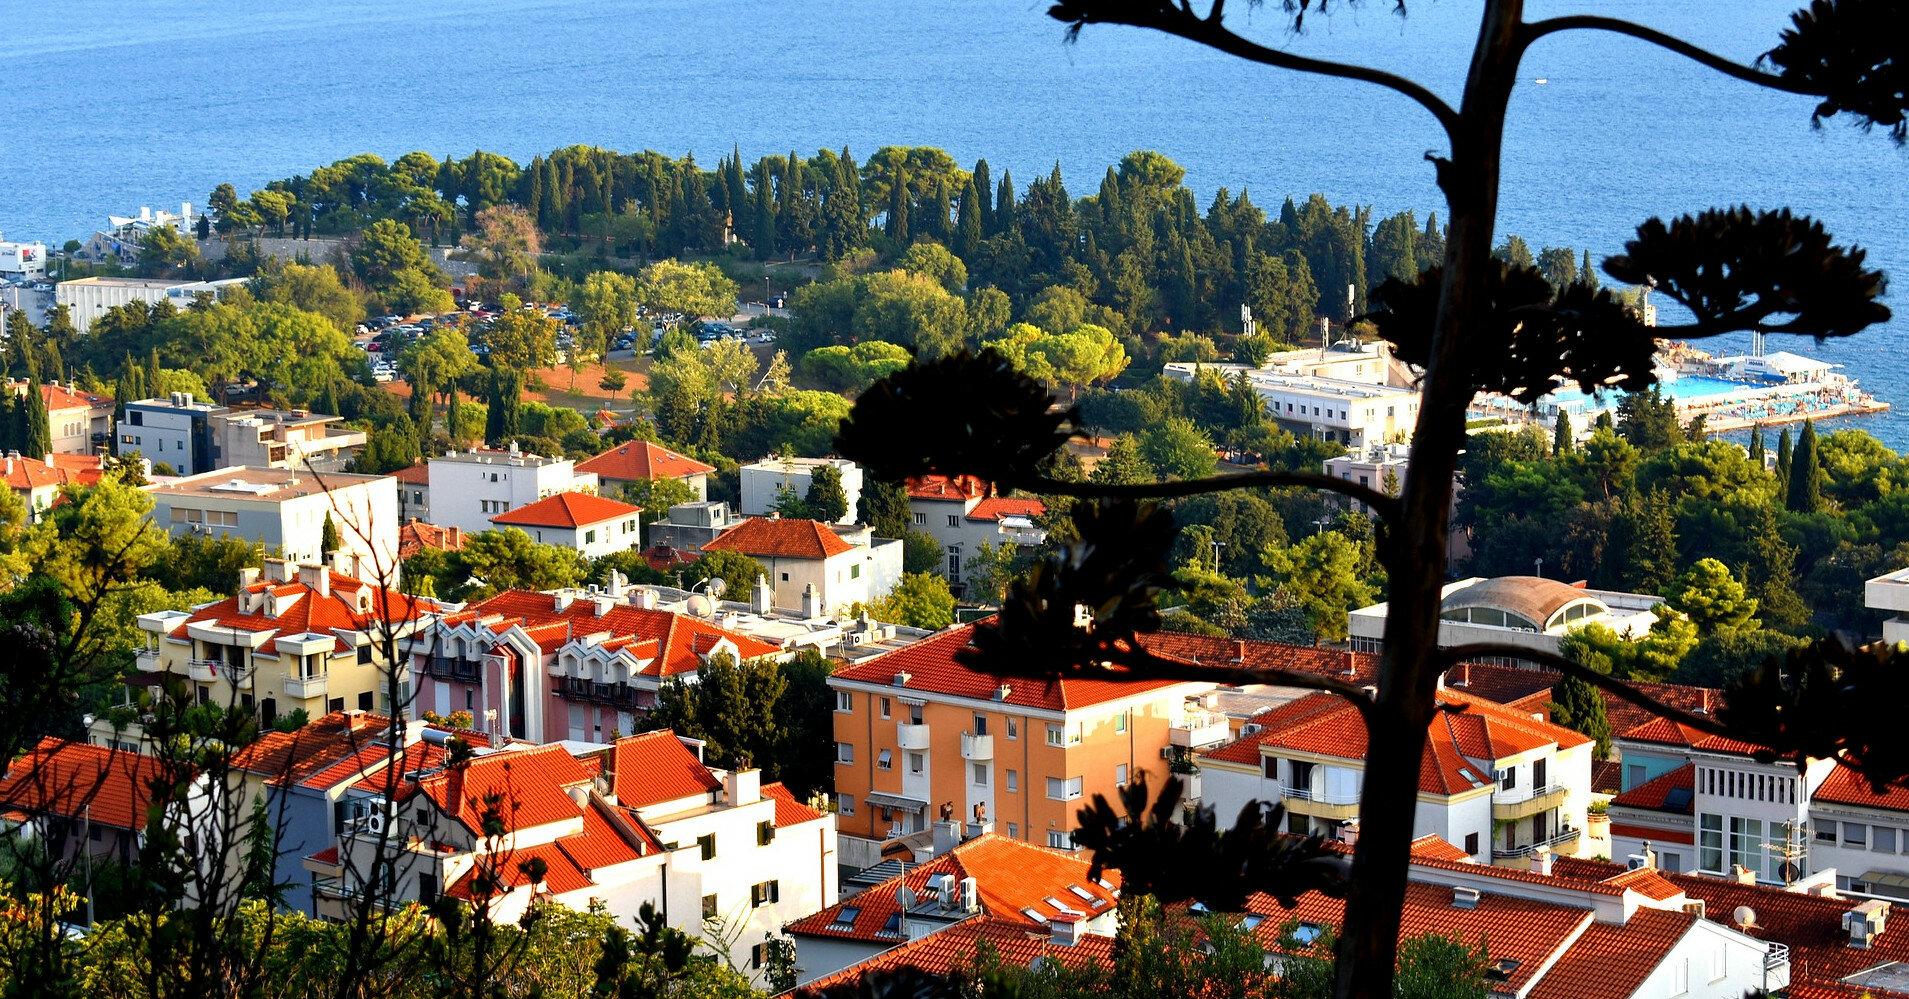 Сезон отдыха в Хорватии начался с большими скидками на путевки